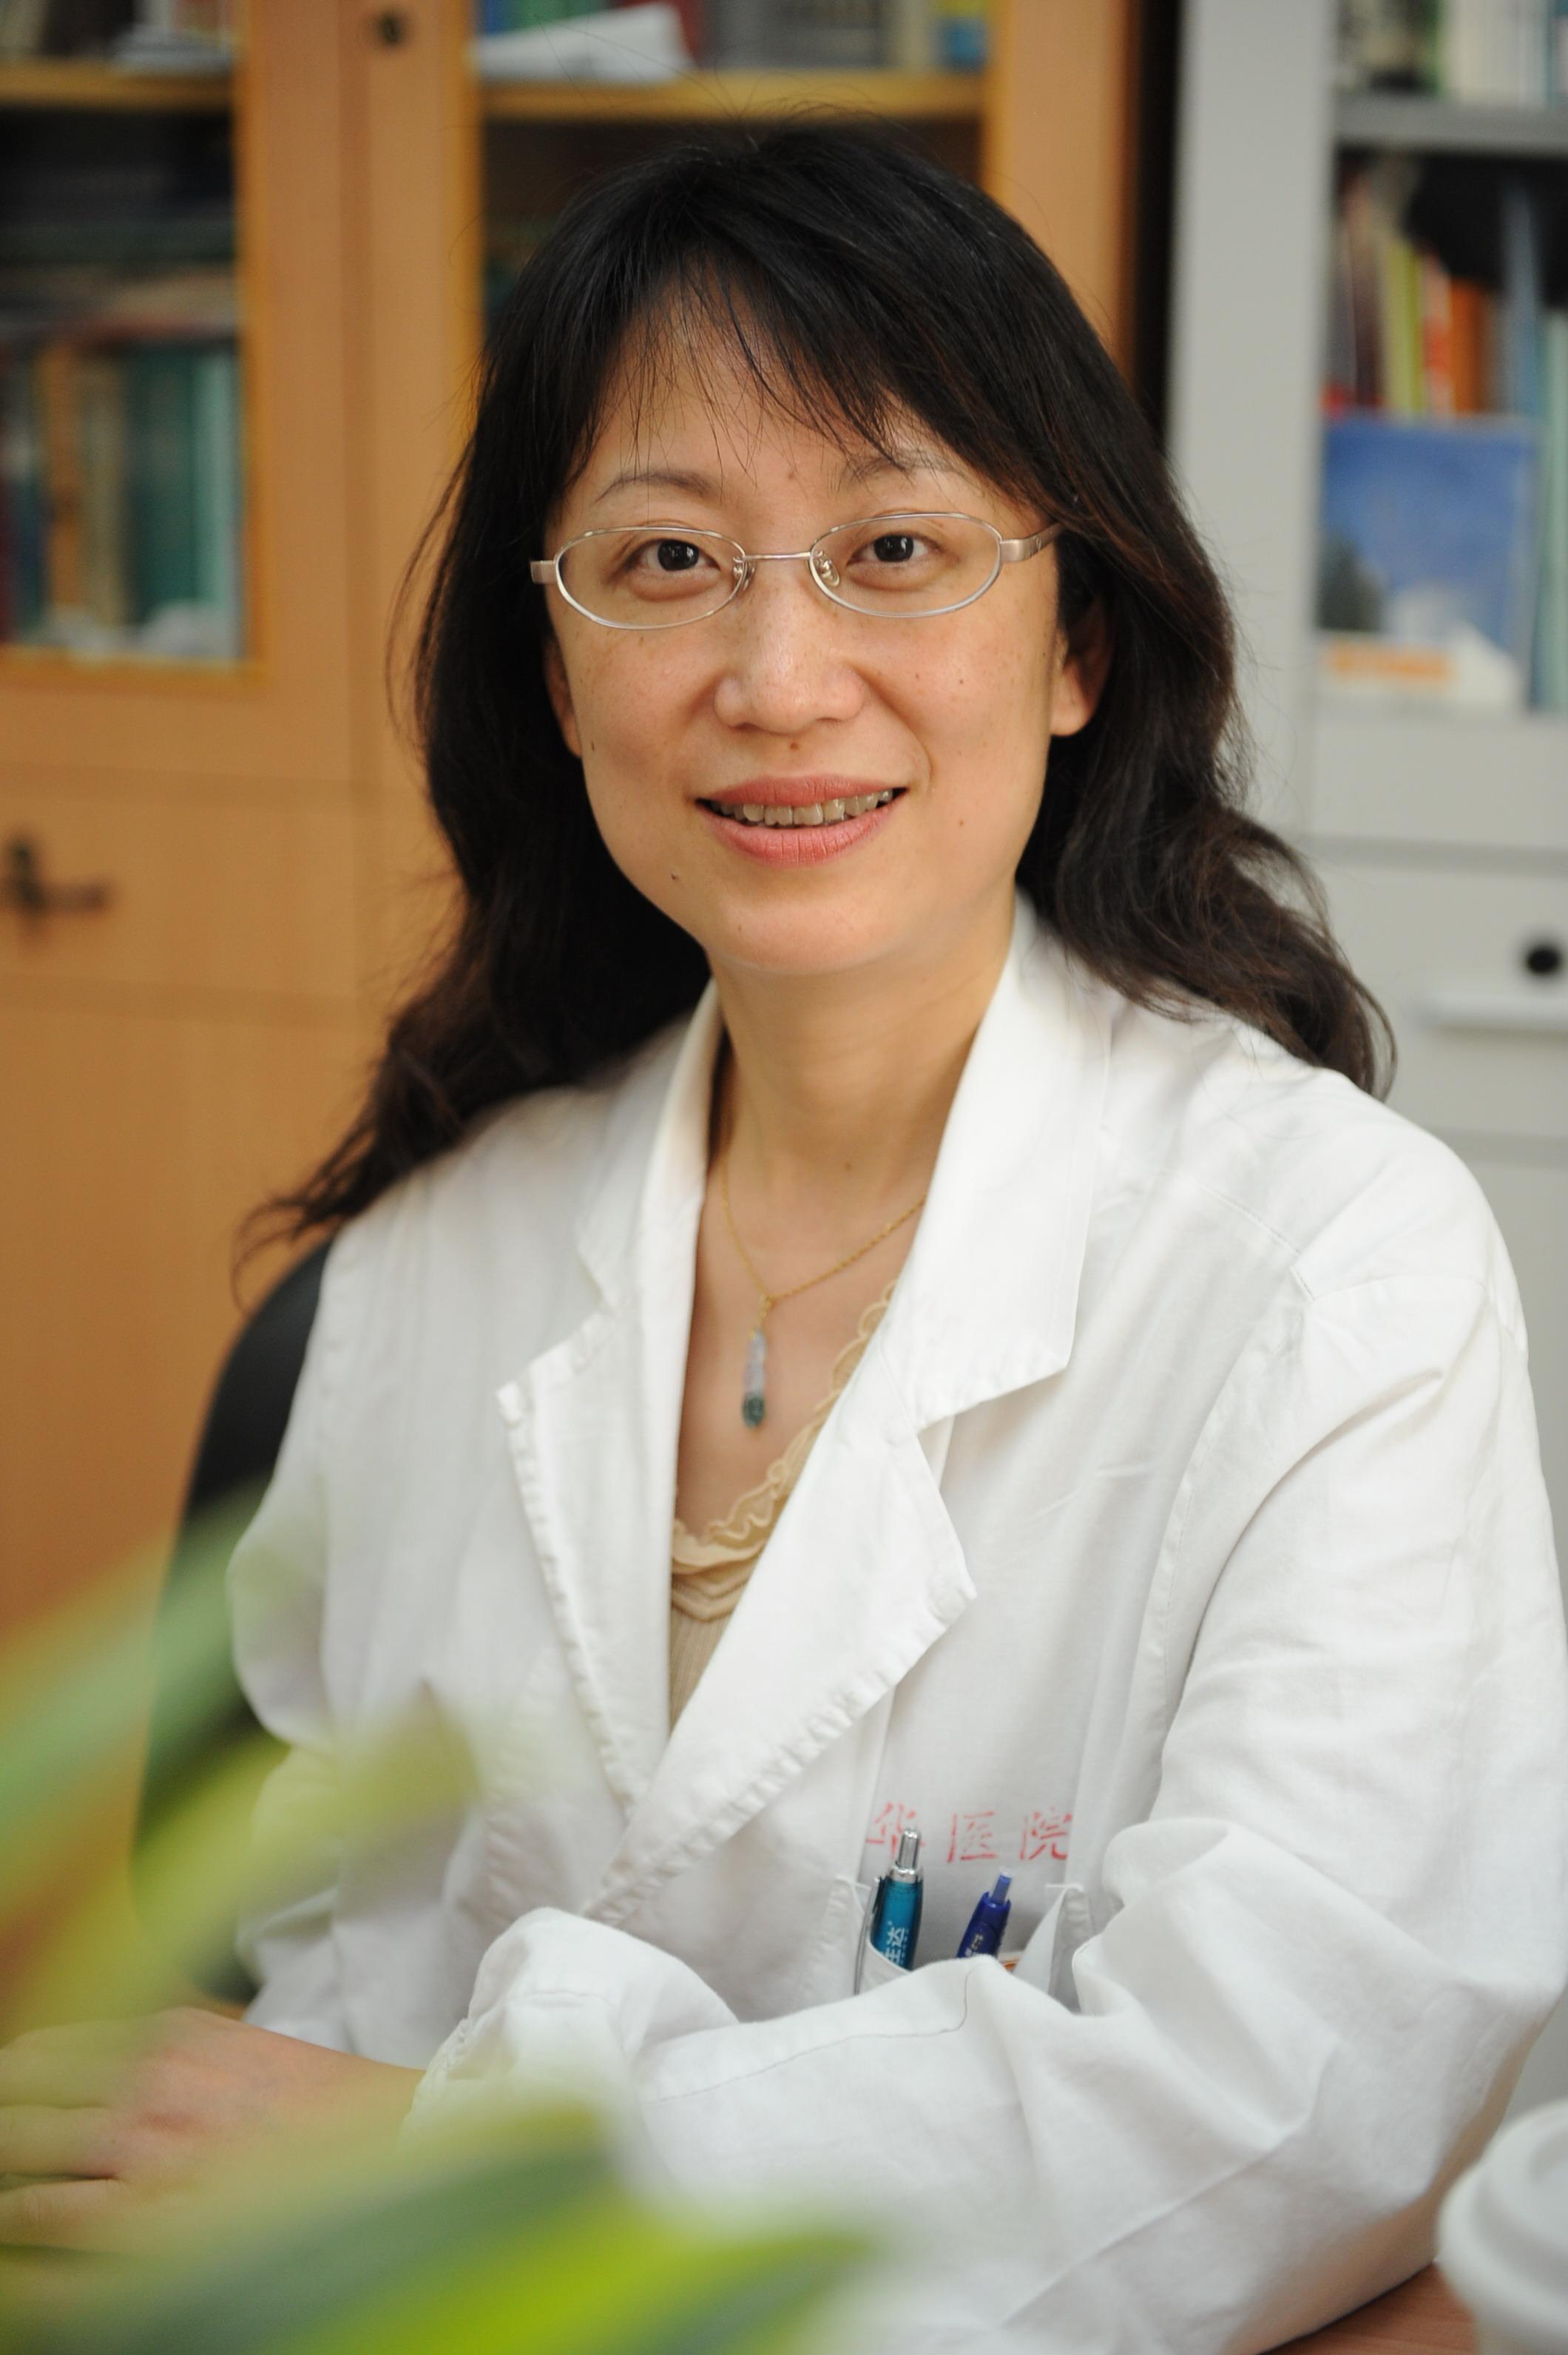 沈理笑:上海新华医院儿童与青少年保健科副主任医师